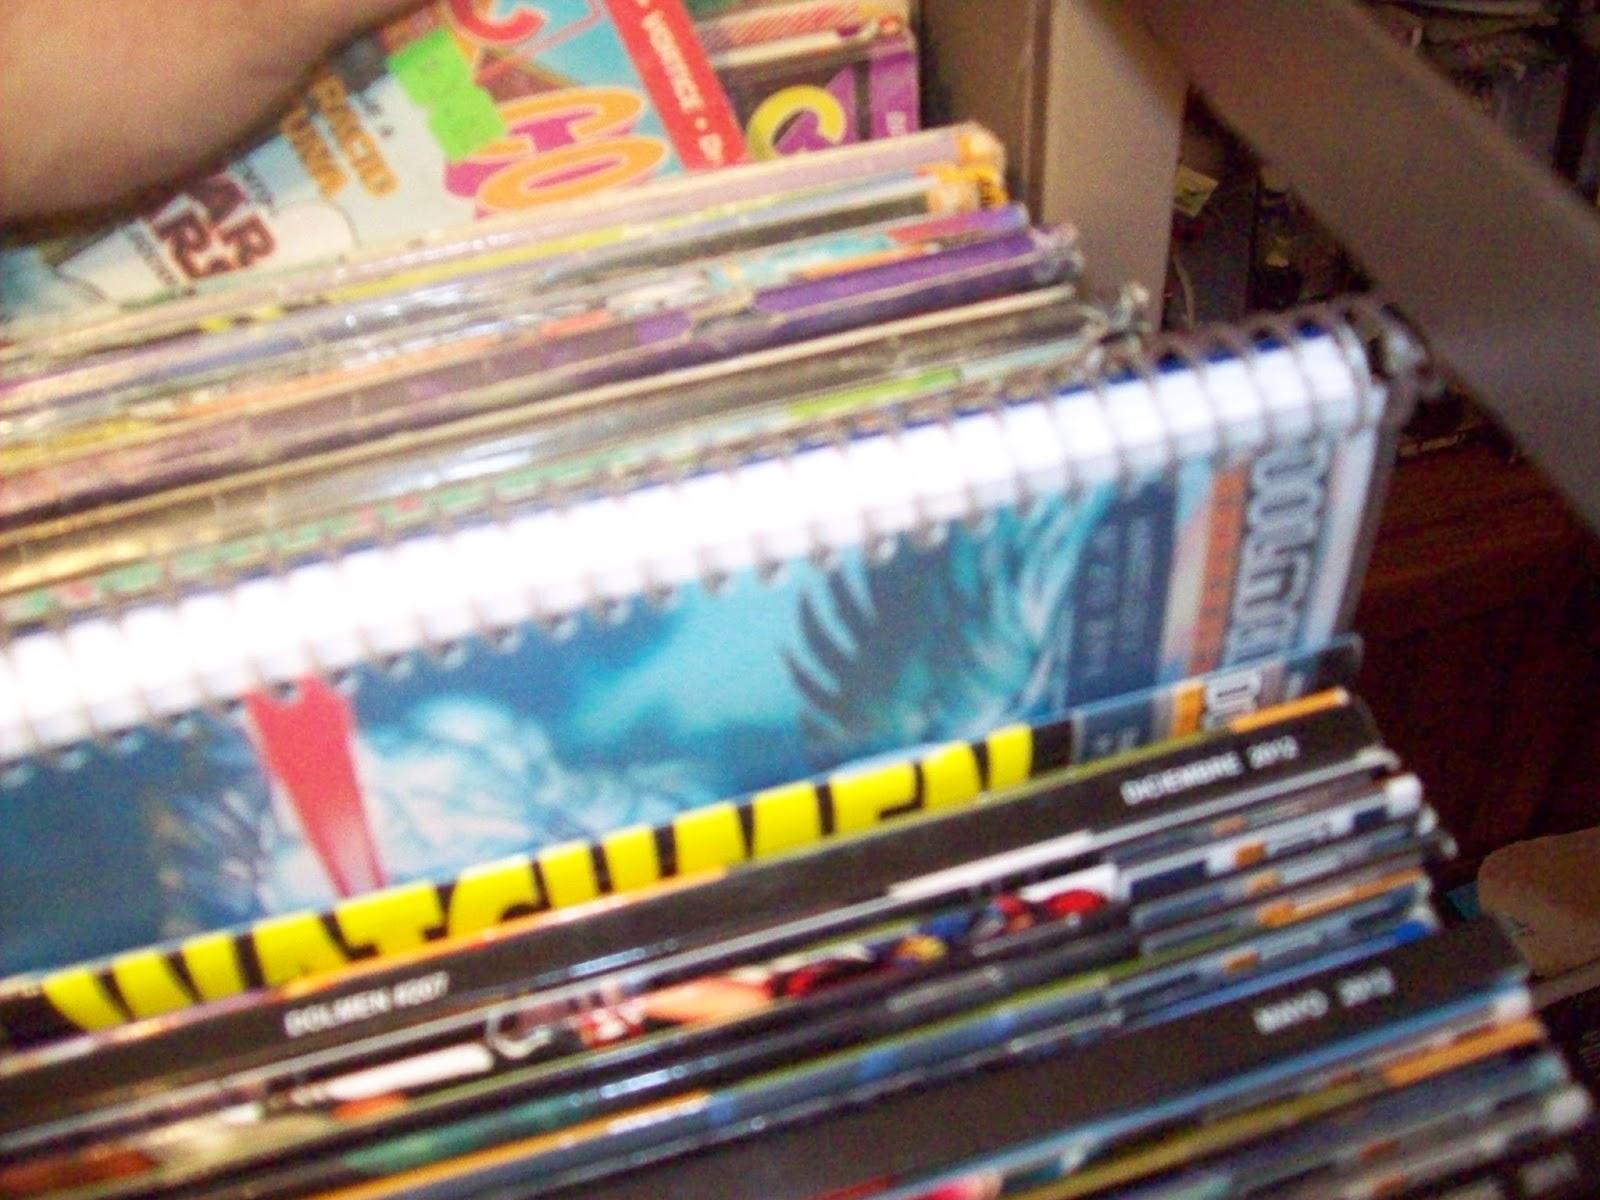 [COMICS] Colecciones de Comics ¿Quién la tiene más grande?  - Página 6 100_5543